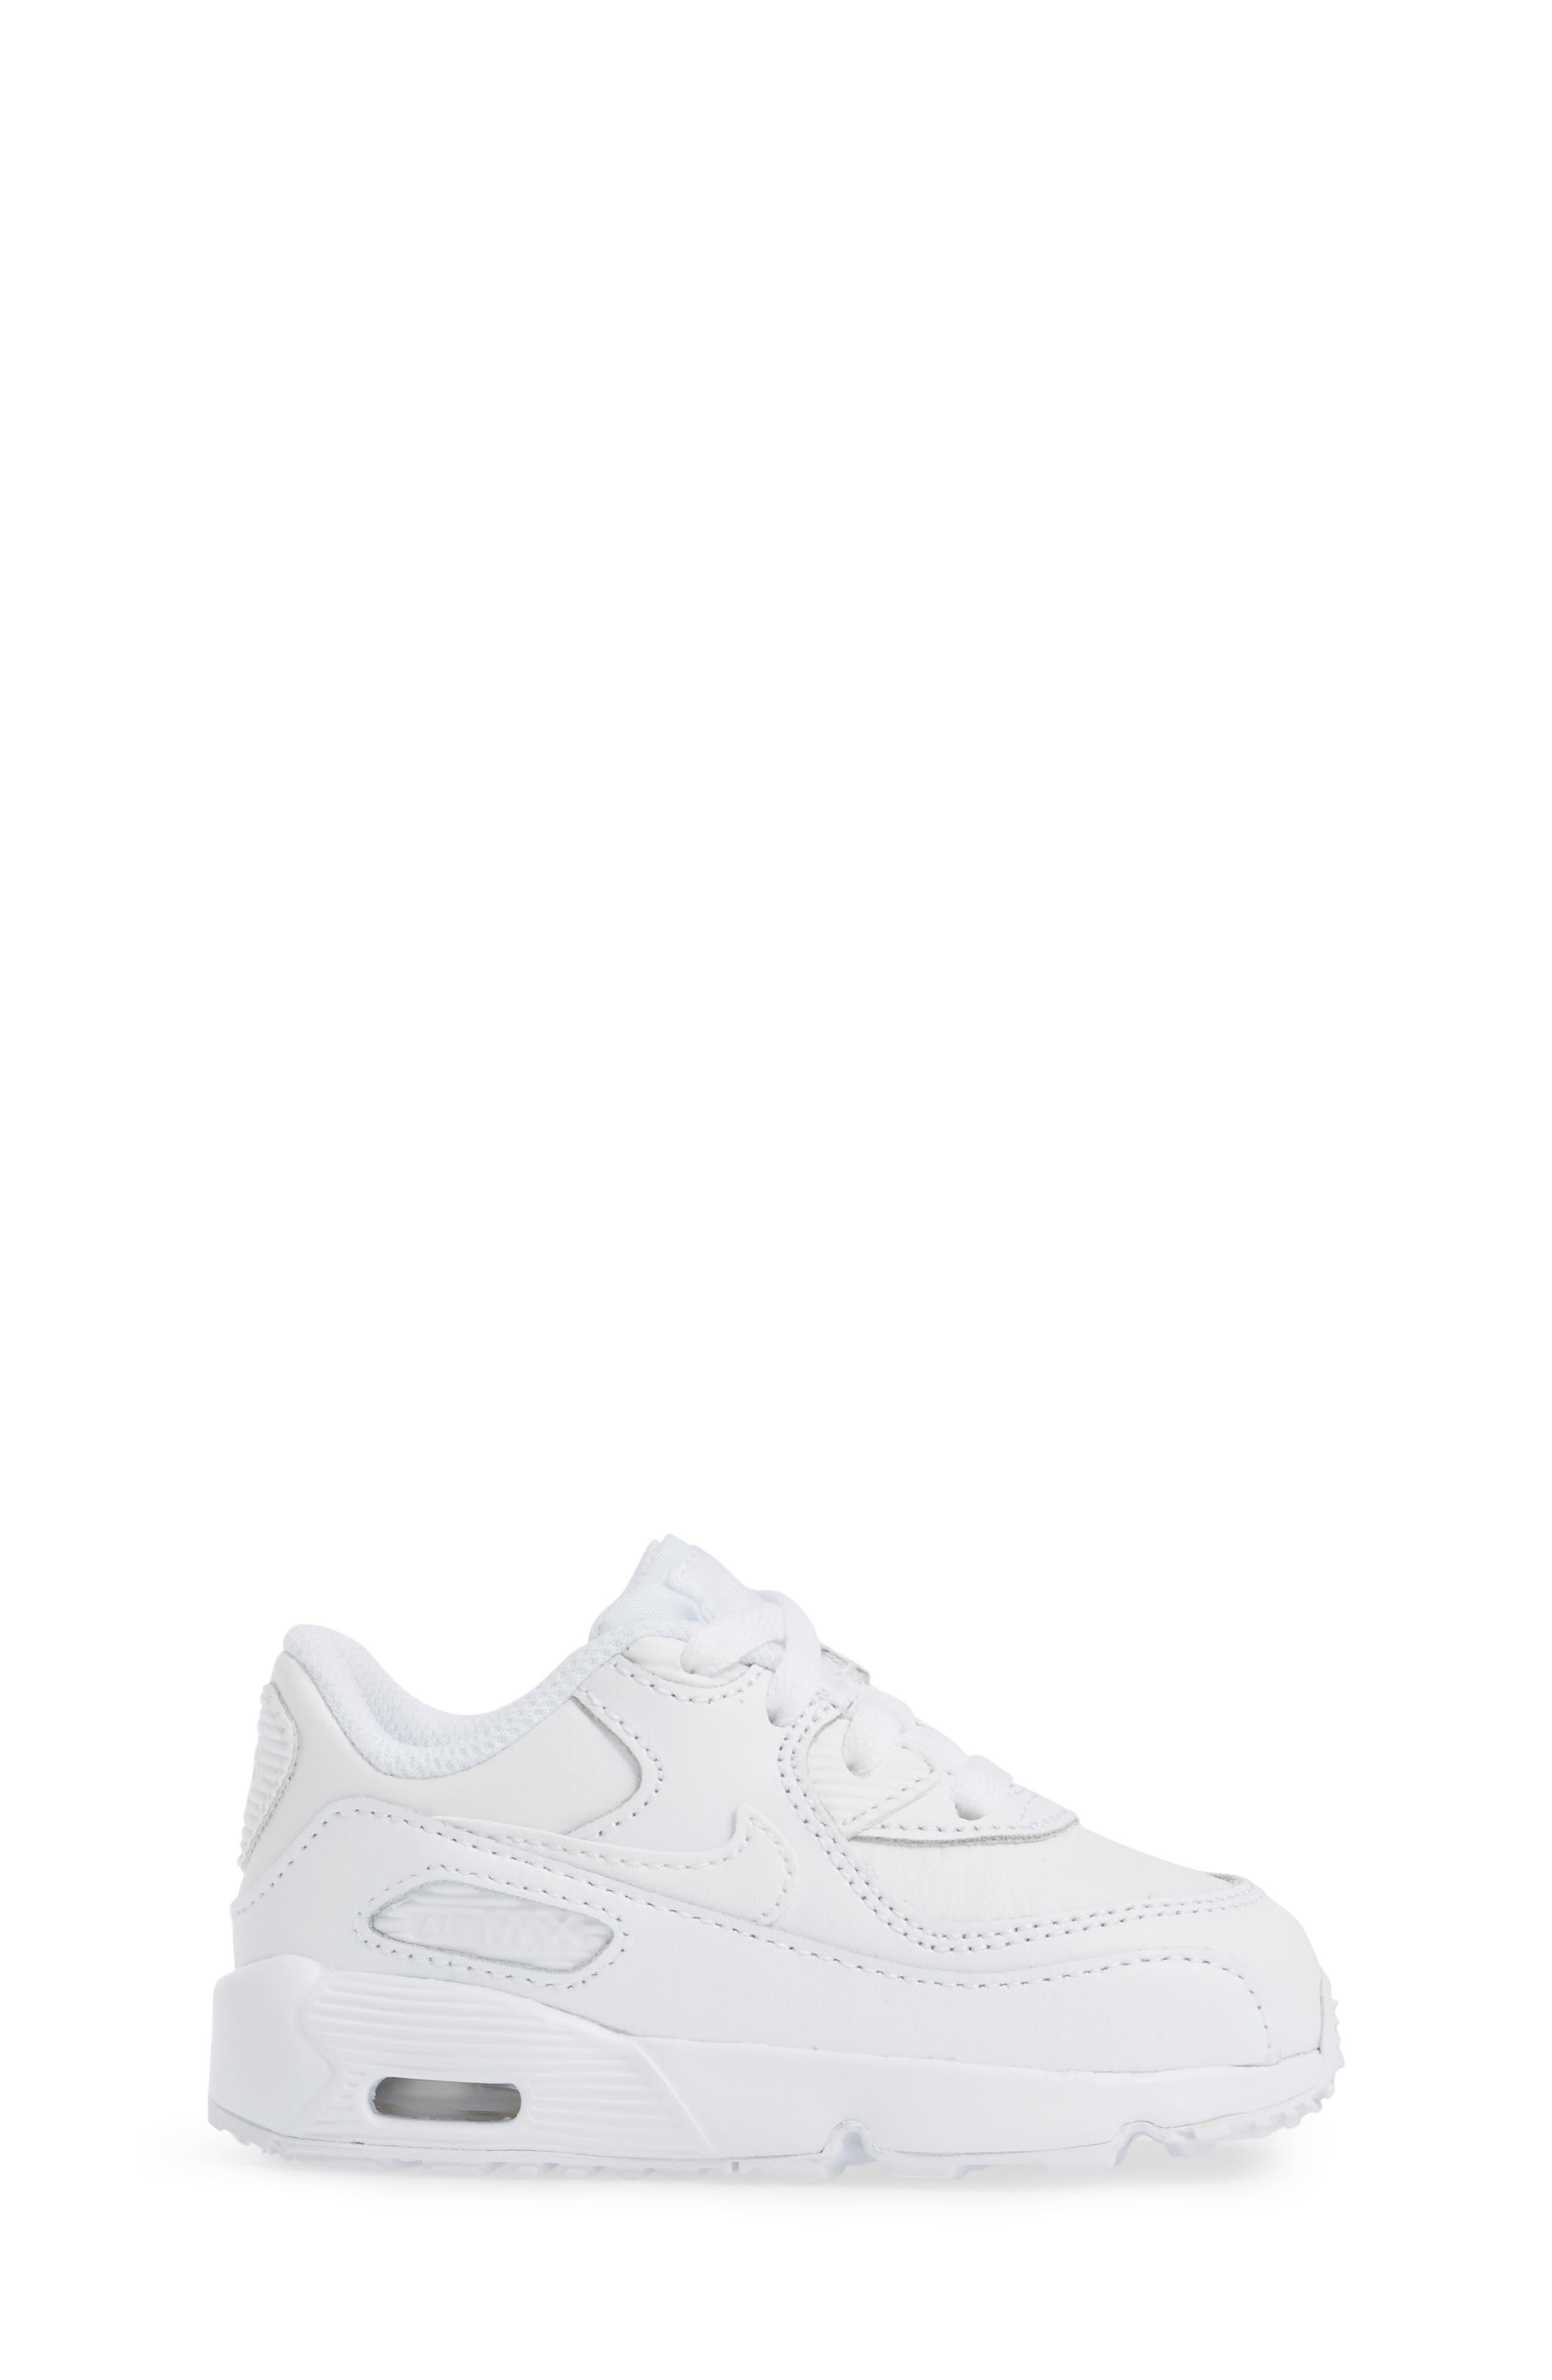 Air Max 90 Sneaker,                             Alternate thumbnail 9, color,